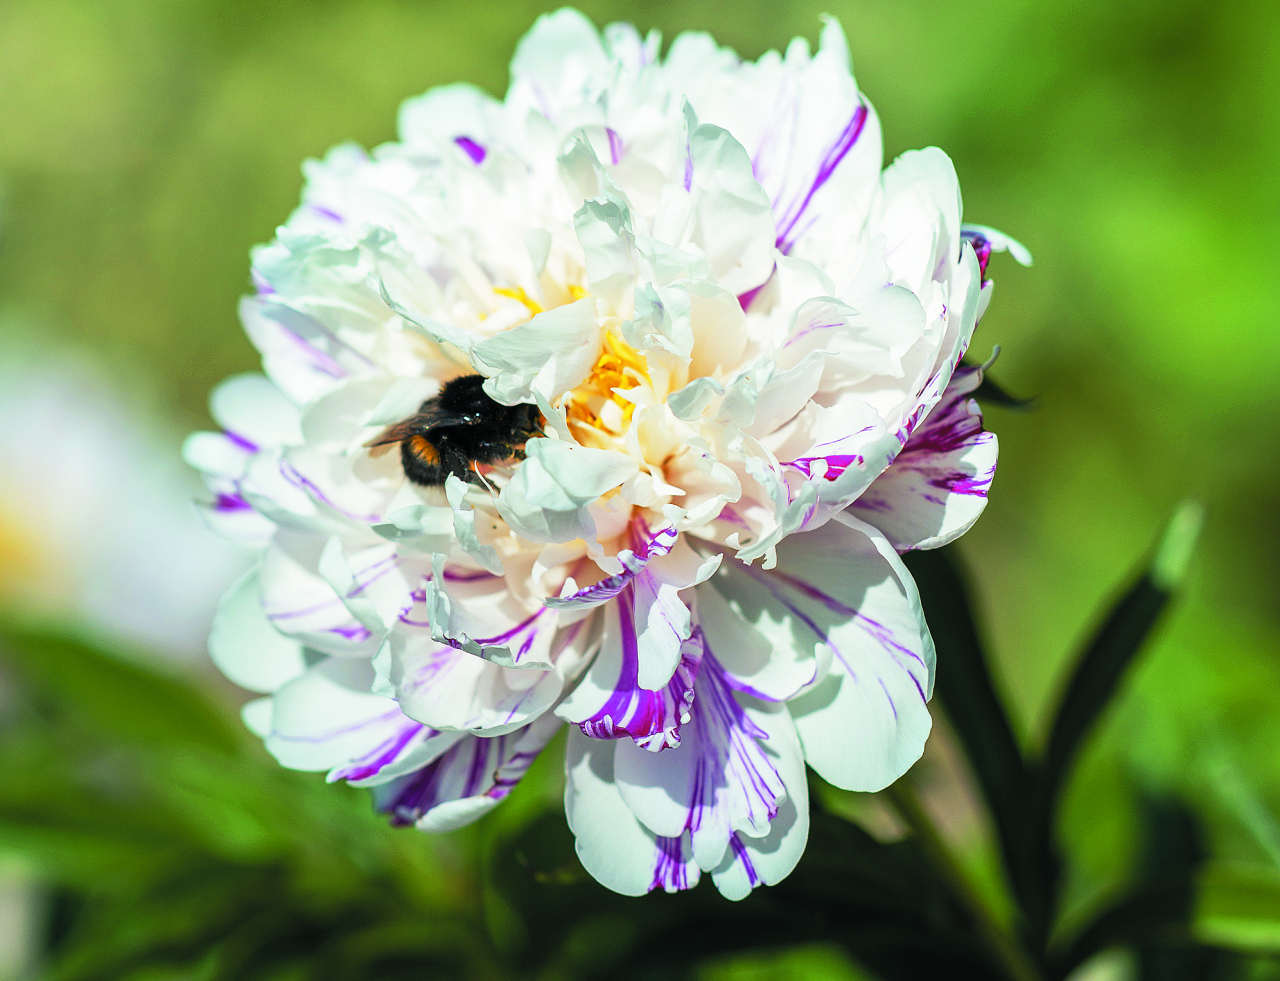 Candy Stripe. Puķe – dizaineru sapnis, citi pat nepazīst, ka tā ir peonija. Divkrāsu – krēmbaltas ziedlapiņas ar platām aveņsarkanām svītrām. Maiga smarža.